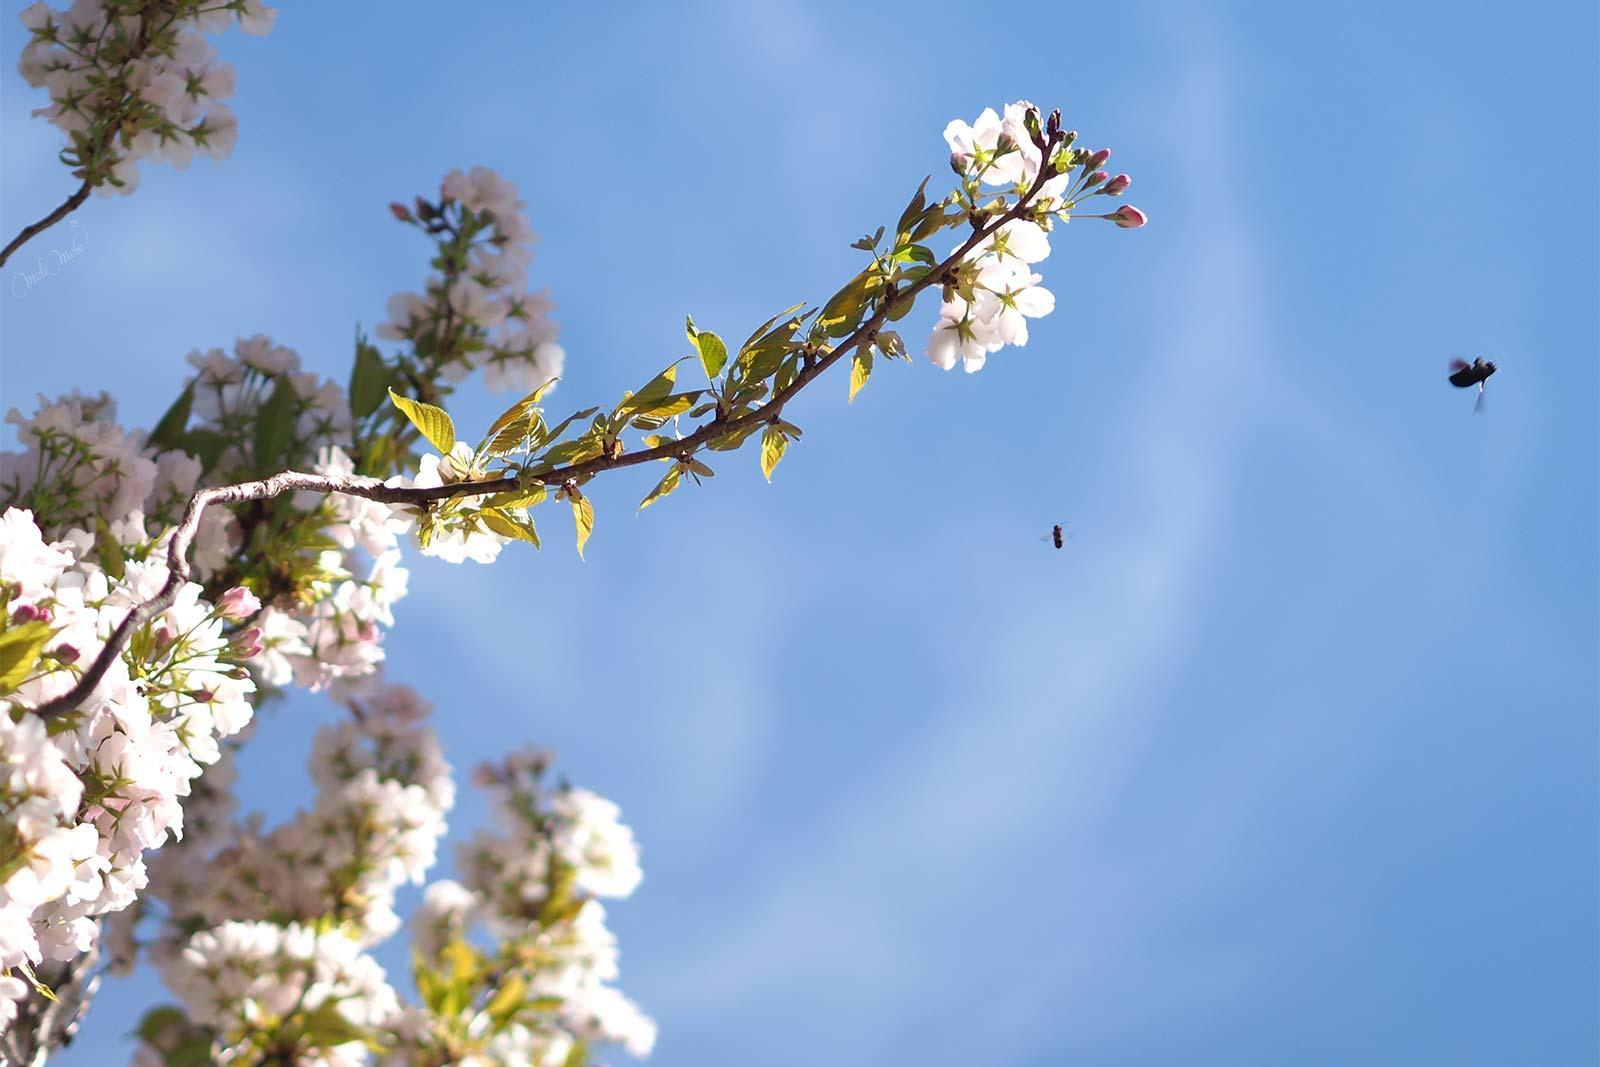 insectes butineuses floraison prunus printemp avril laboutiquedemelimelo